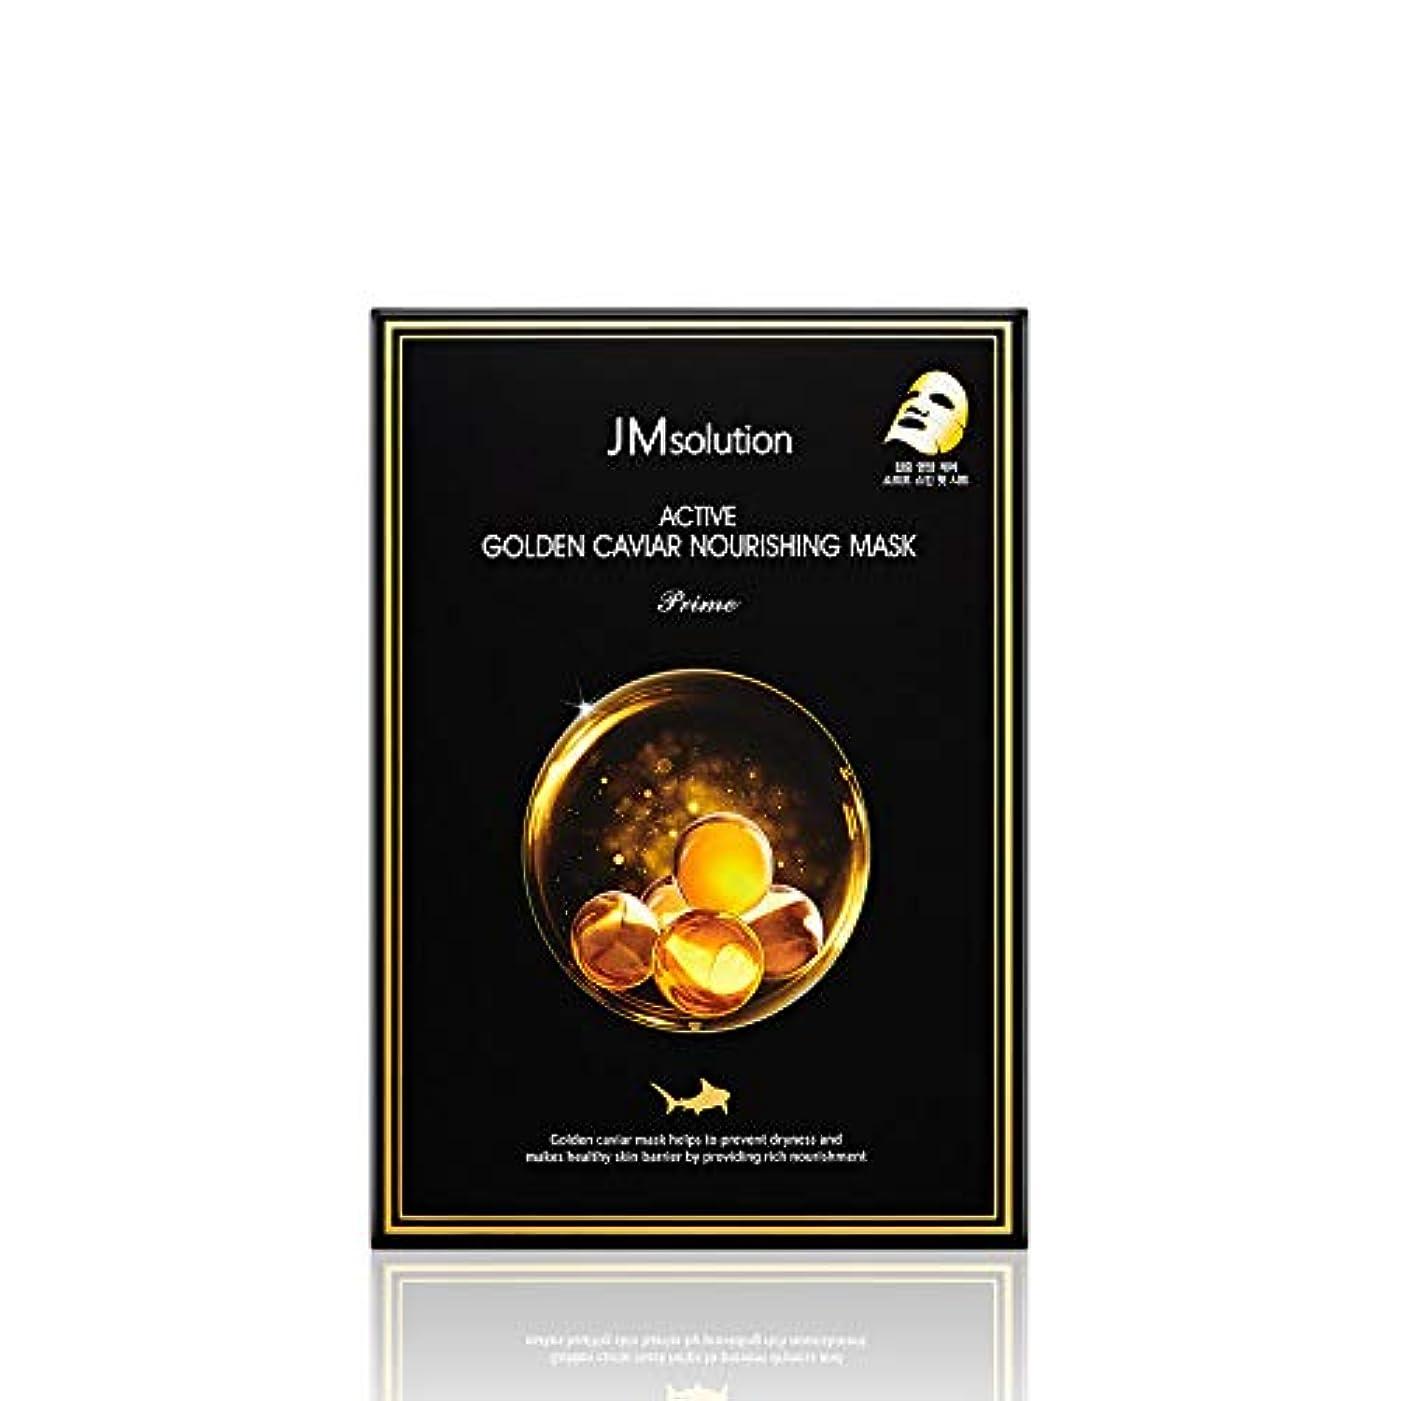 機械的に委任賛美歌JMソリューション(JM Solution) 乾燥肌のためのアクティブゴールデンキャビア栄養マスクプライム 30mlx10P / Active Golden Caviar Nourishing Mask Prime For...